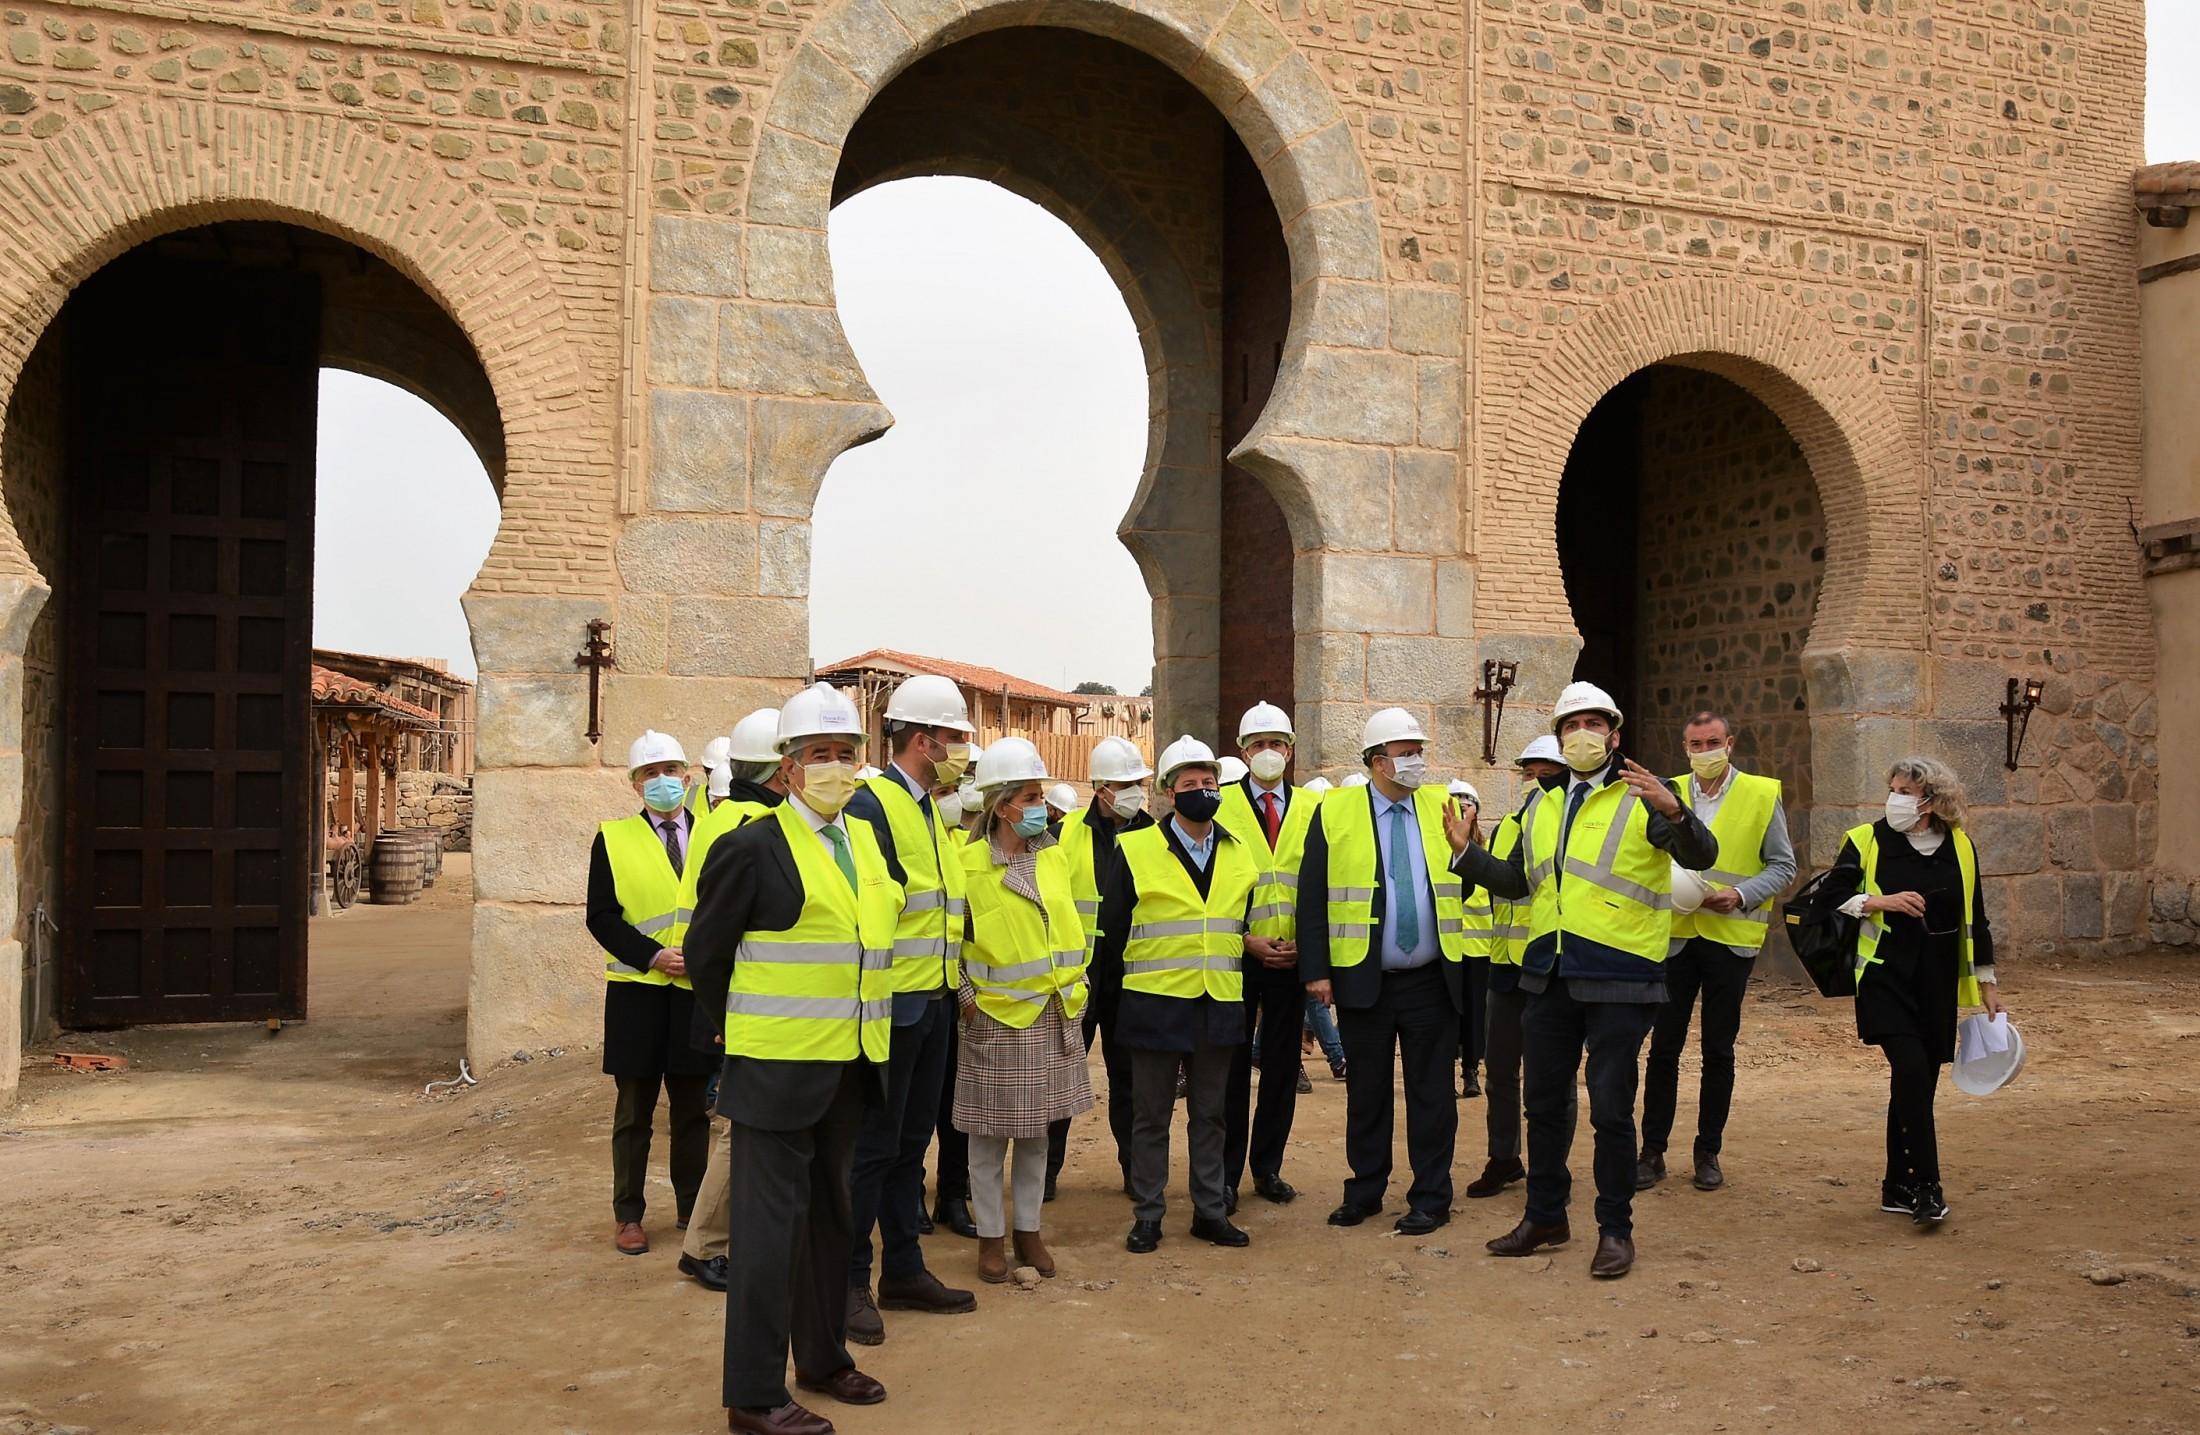 Álvaro Gutiérrez en los decorados de Puy du Fou España en Toledo